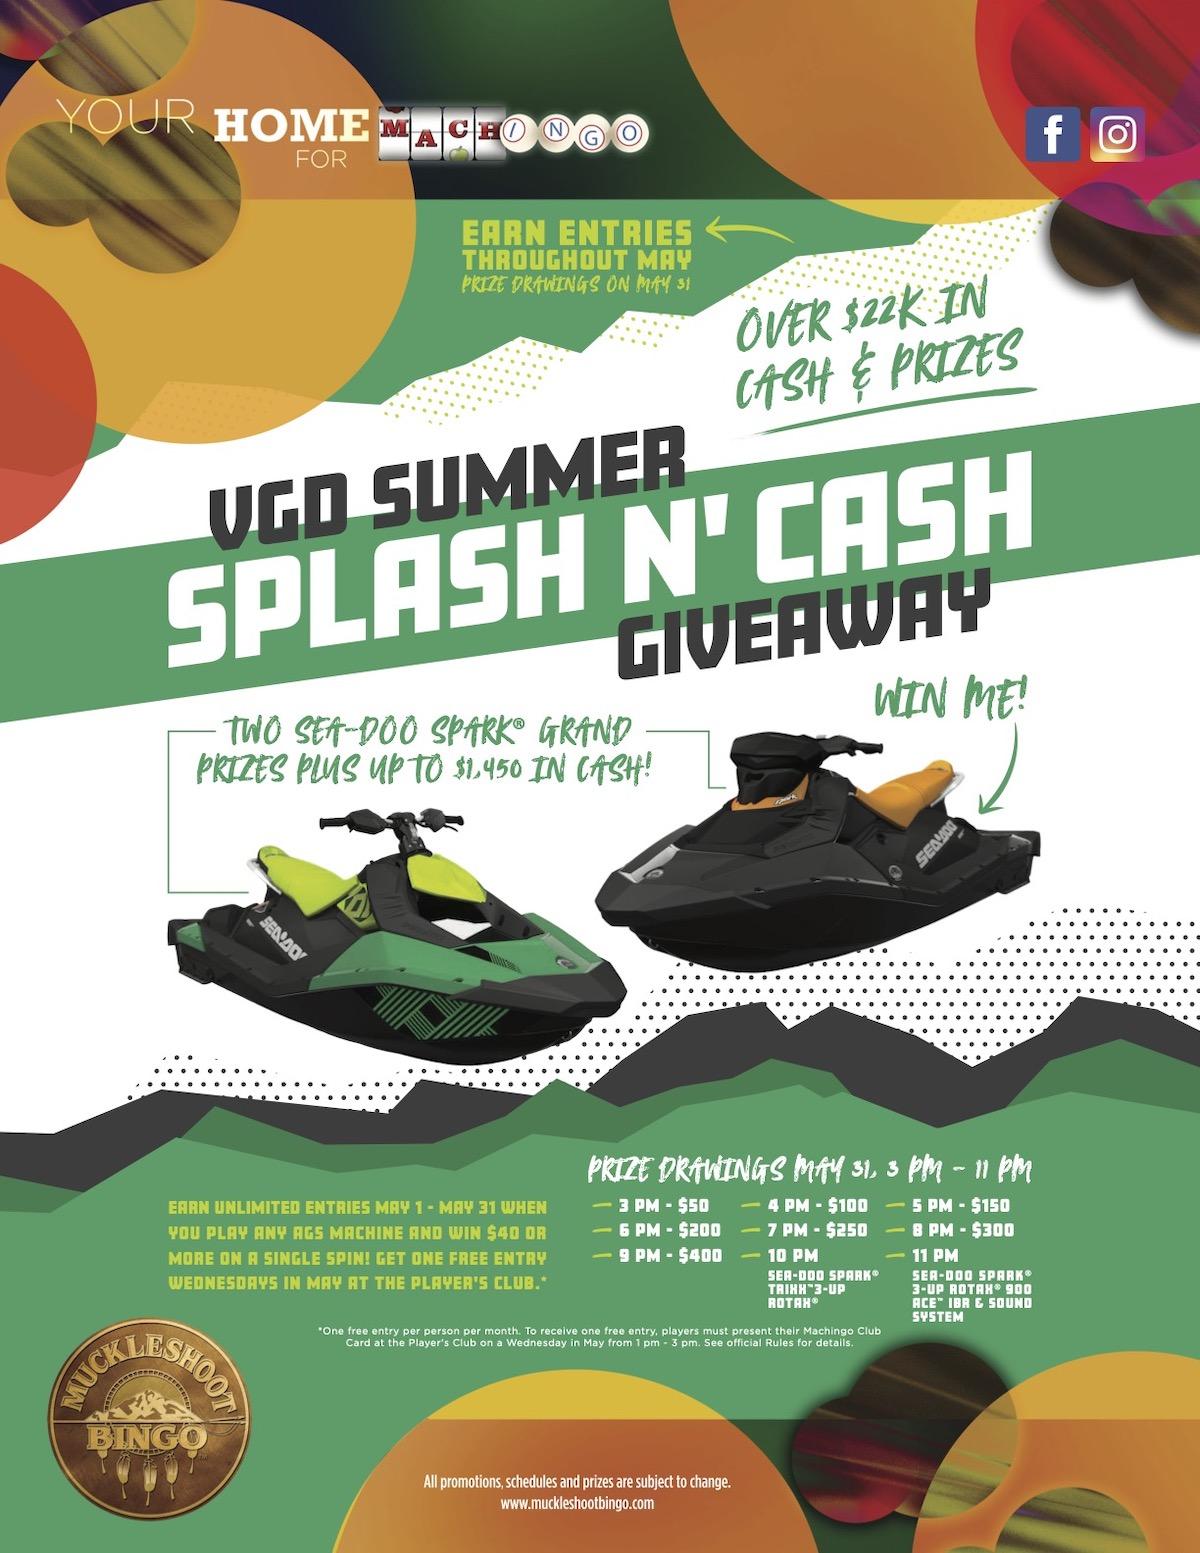 VGD Summer Splash n' Cash Giveaway